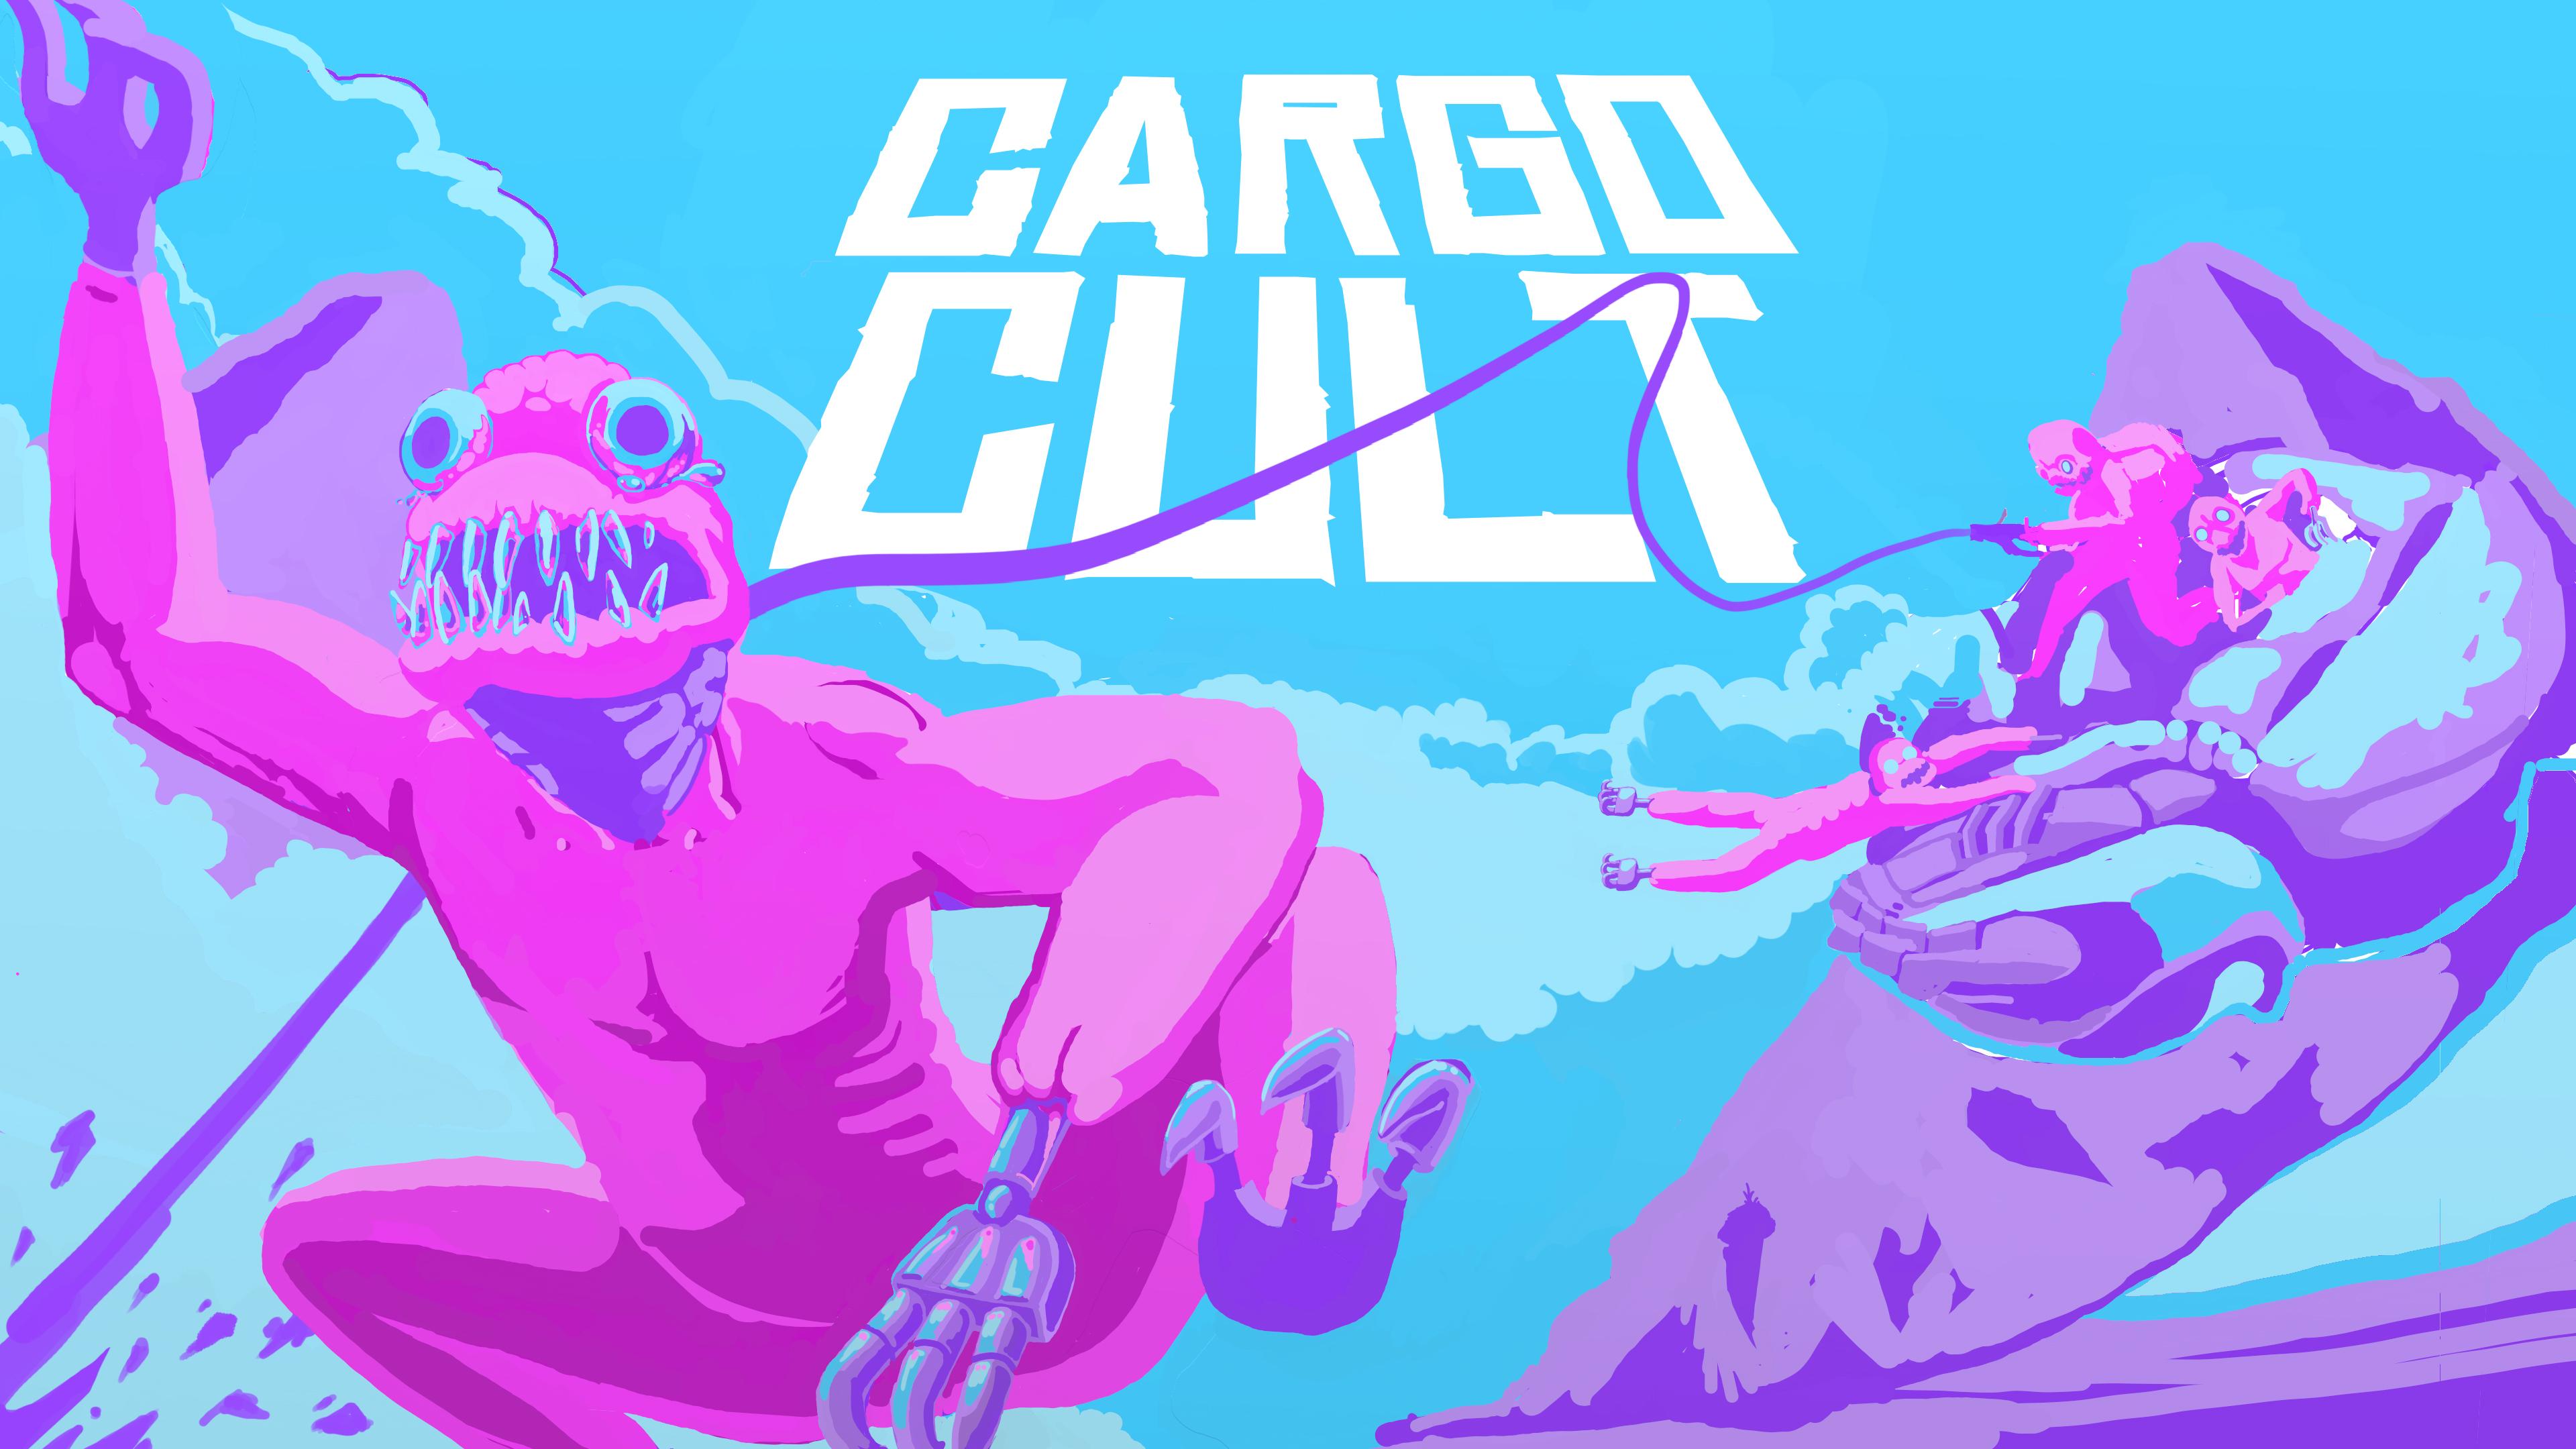 cargo cult concept 2